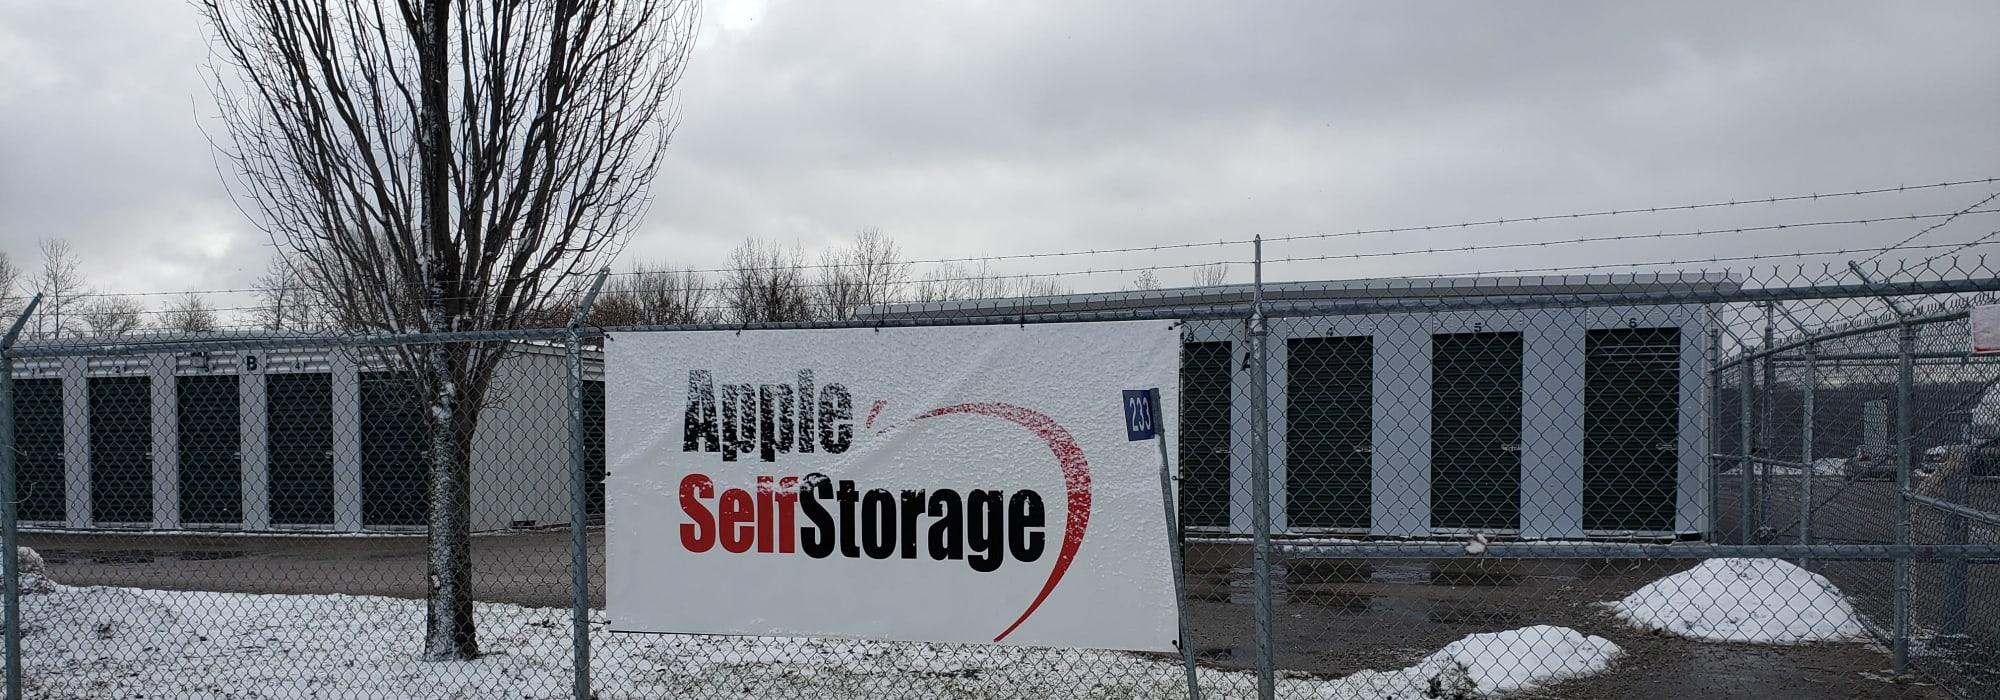 Apple Self Storage - Midland, Ontario